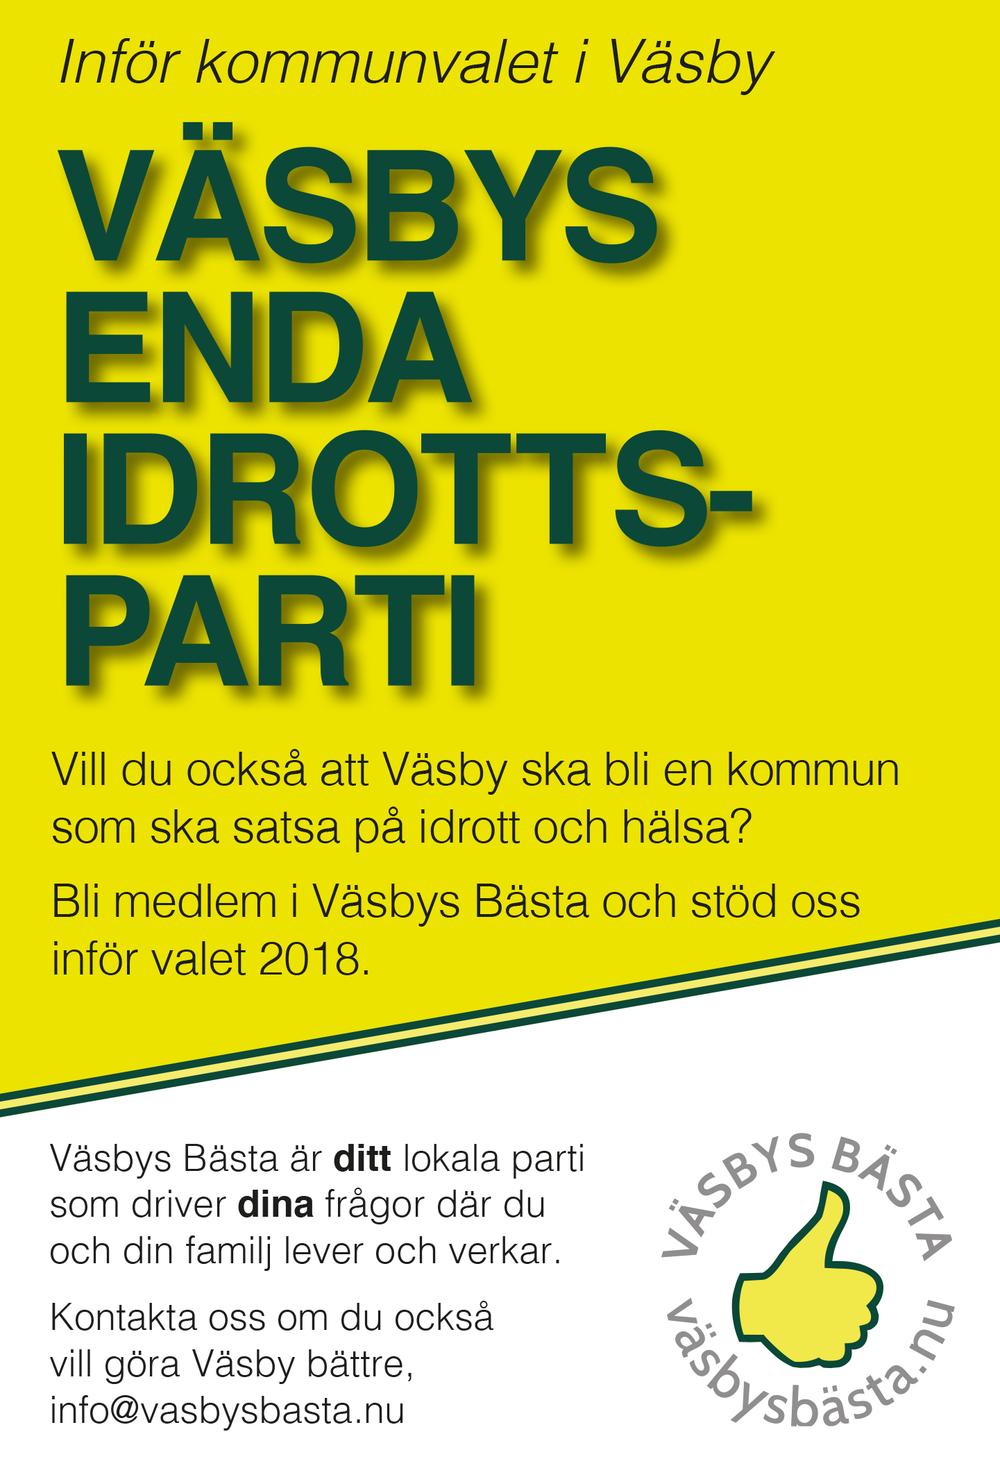 2017-10-01 Kvartssida_flyer_vasbysbasta_2017okt Väsbys enda idrottsparti.png